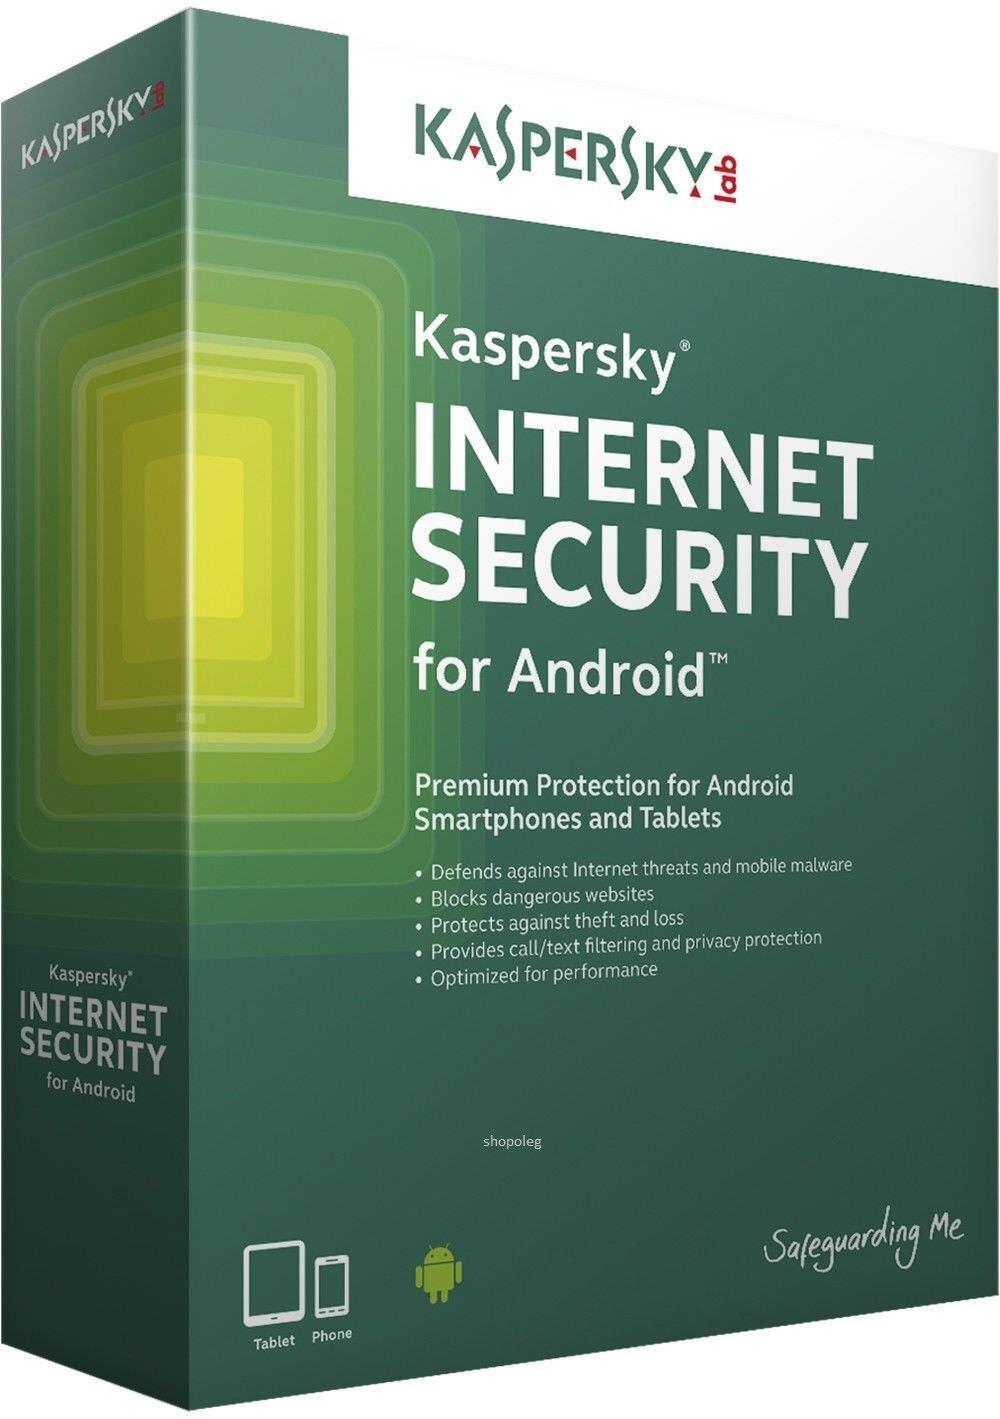 kaspersky premium apk activation code 2018